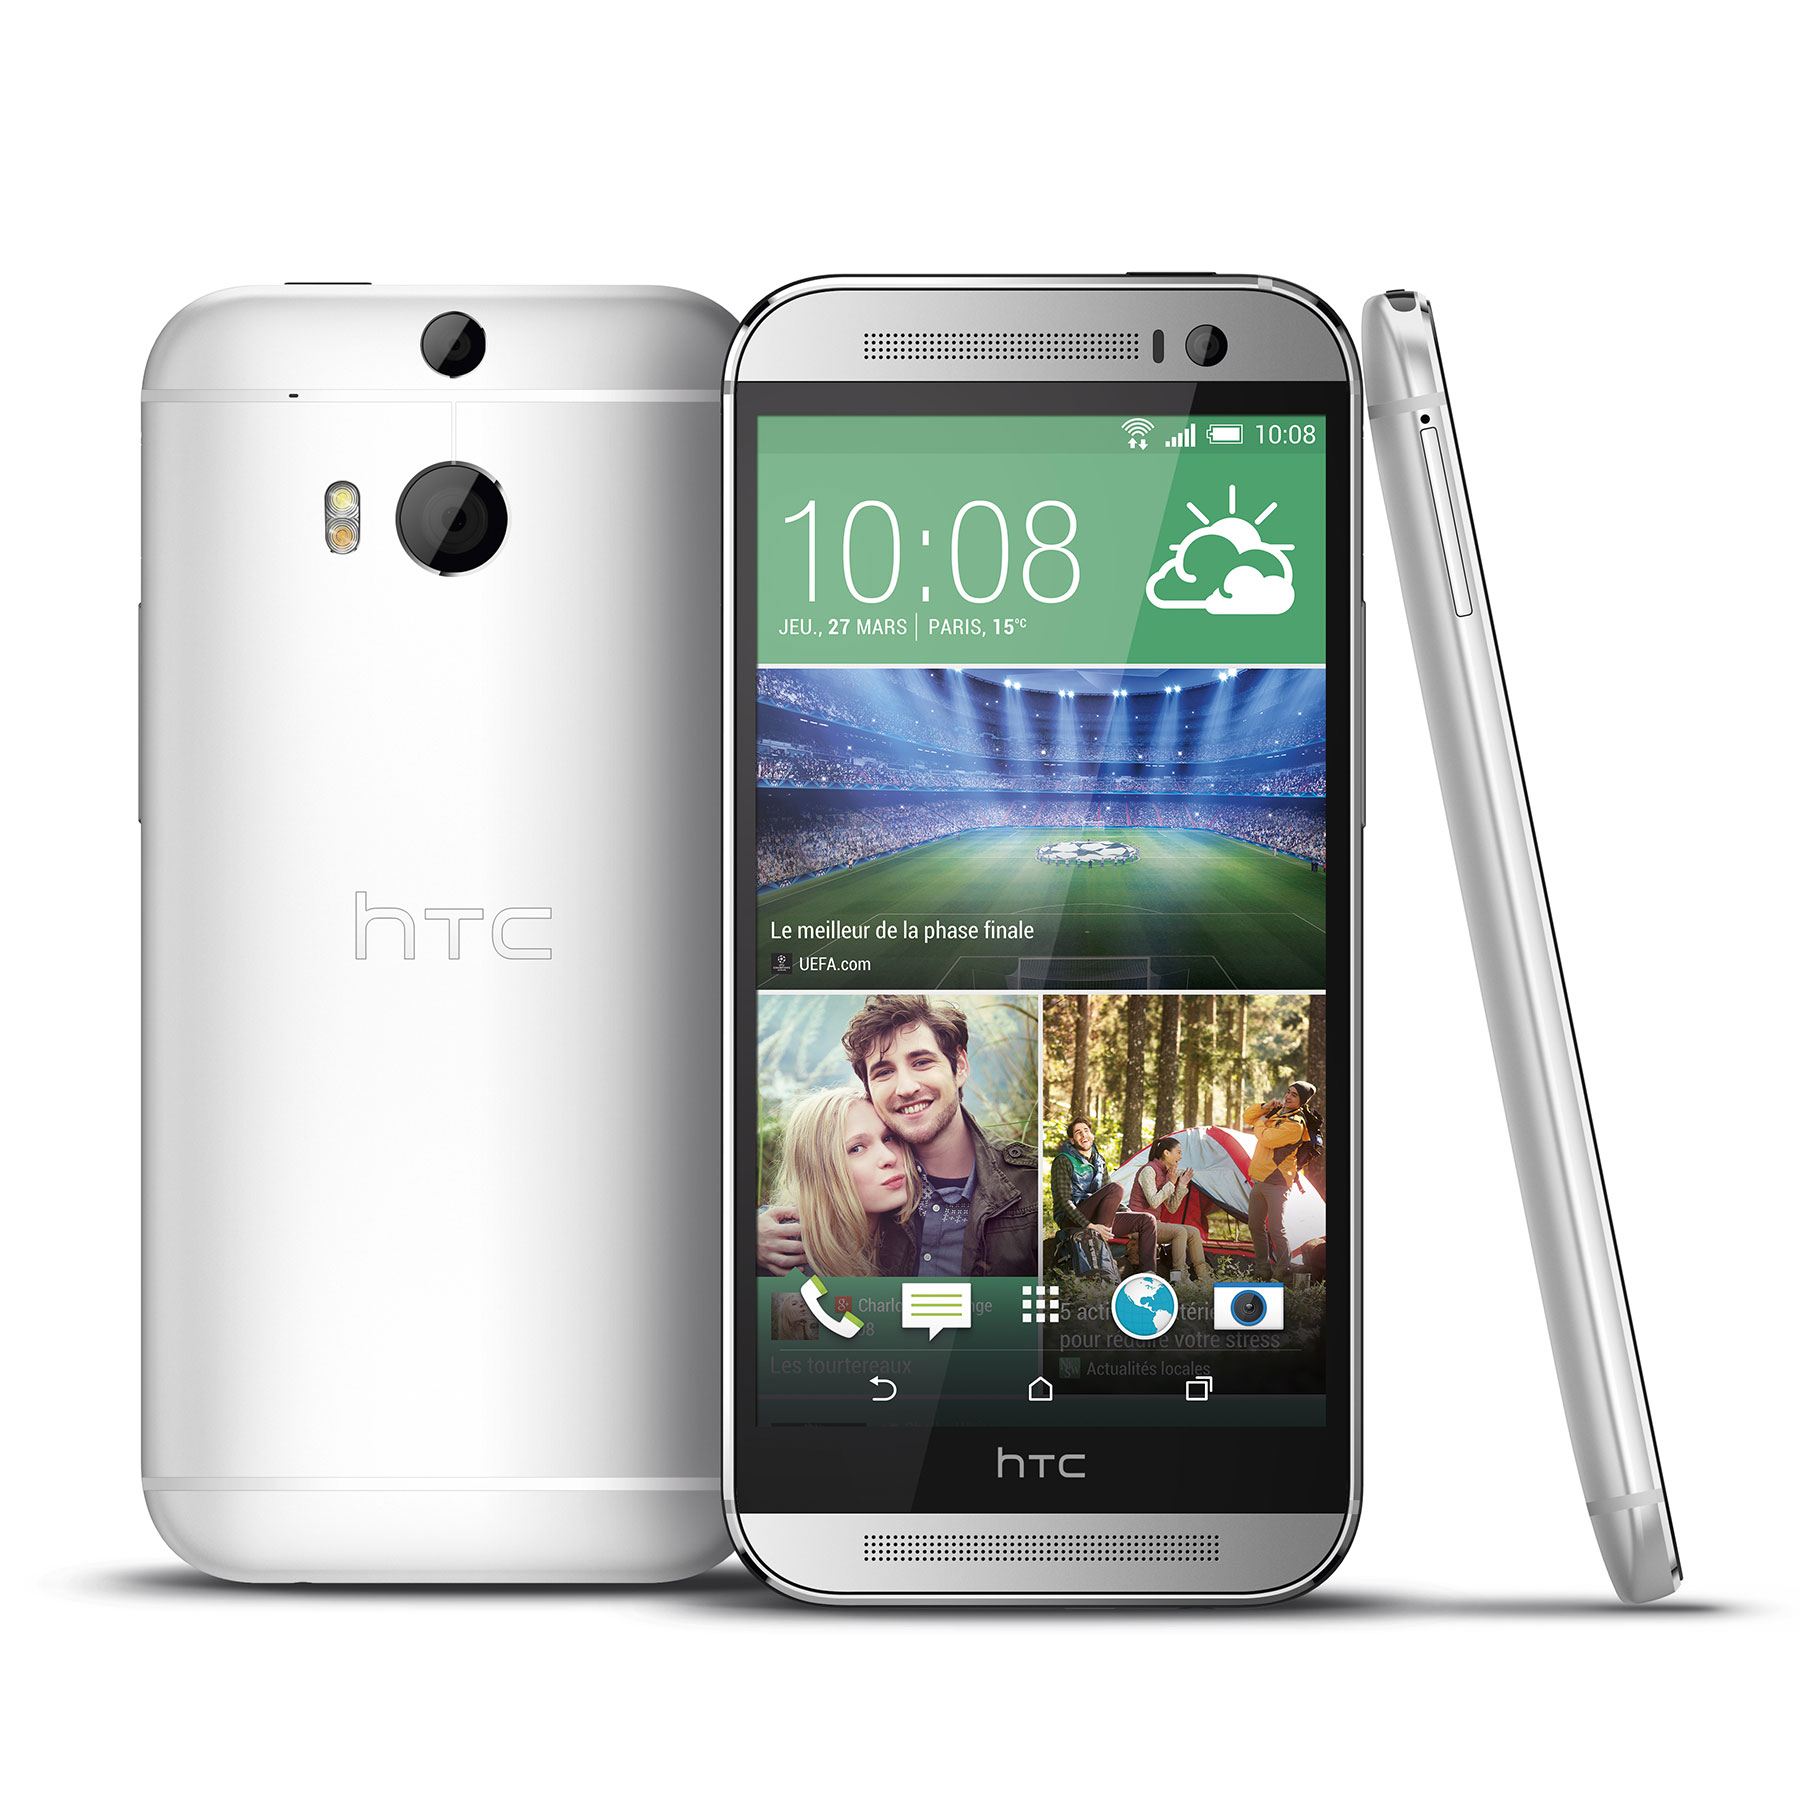 Htc one m8 argent 16 go mobile smartphone htc sur ldlc for Photo ecran htc